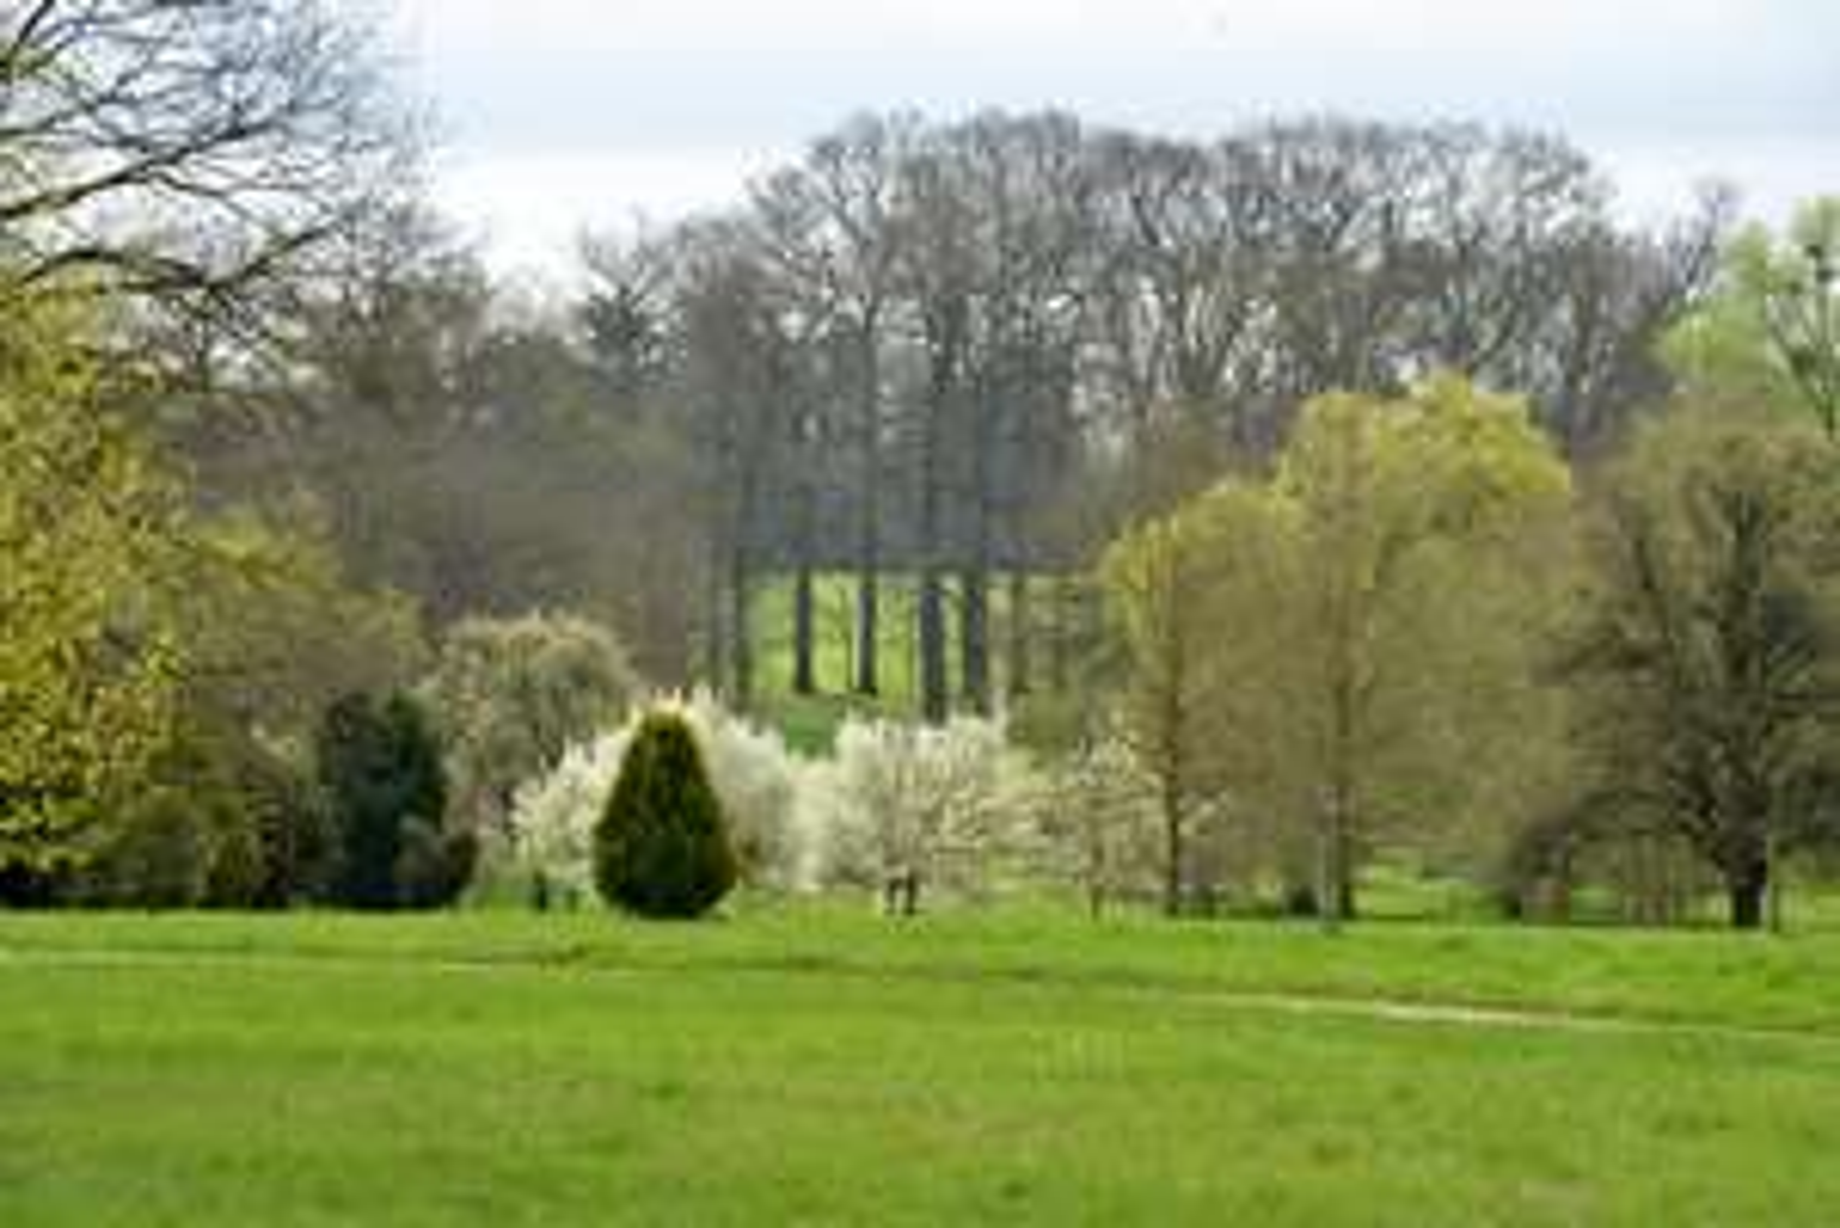 Visite gratuite de L'Arboretum de Chèvreloup au Chesnay-Rocquencourt (78)